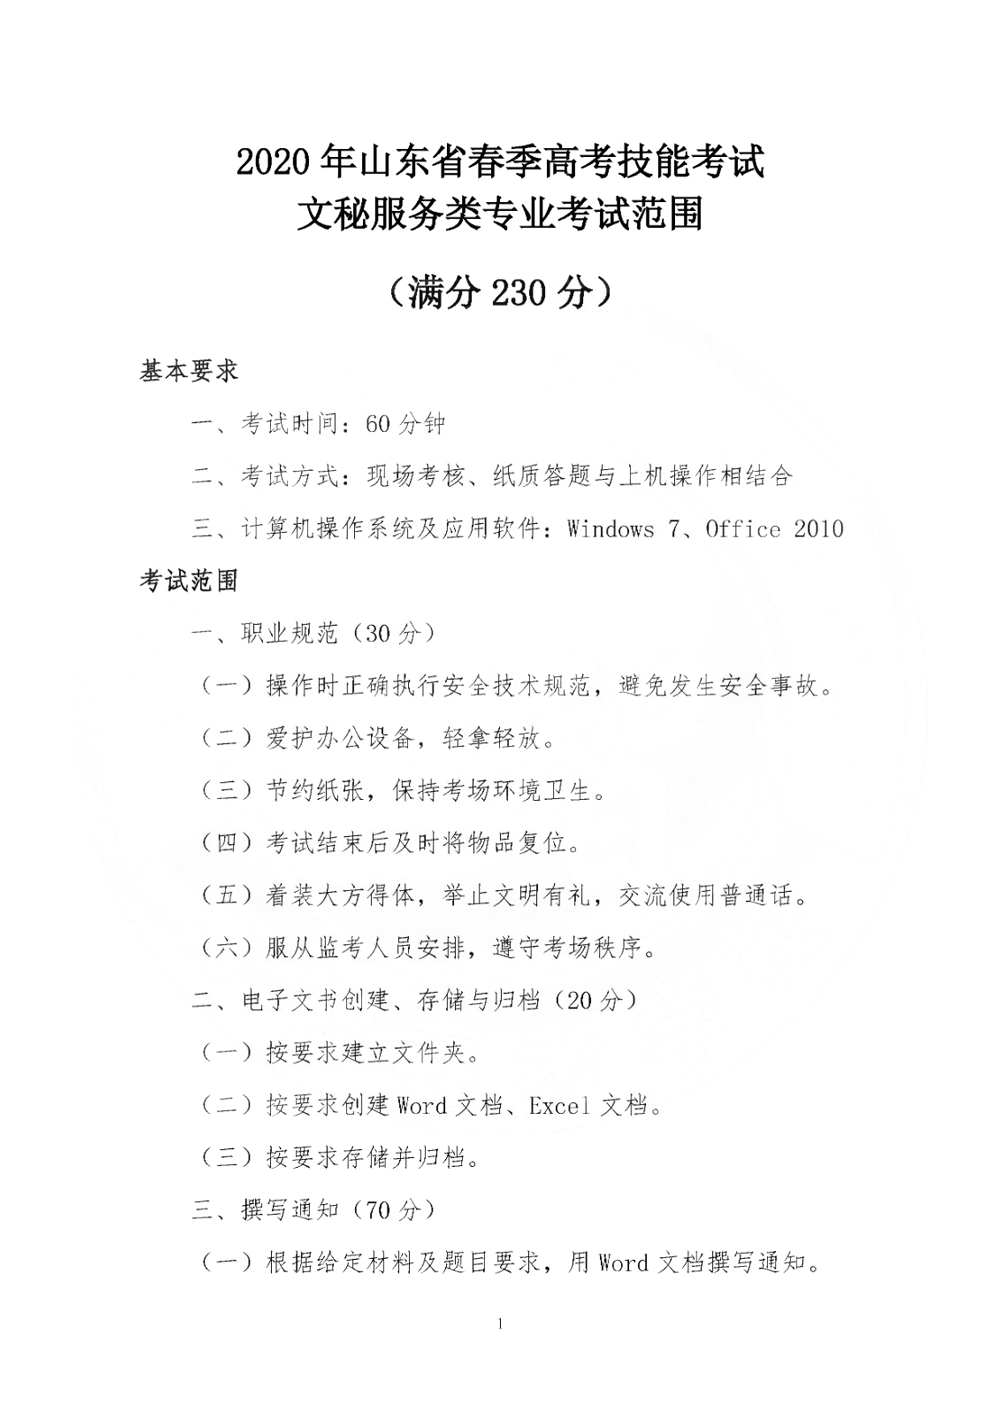 2020年山东省春季高考技能考试文秘服务类专业考试范围